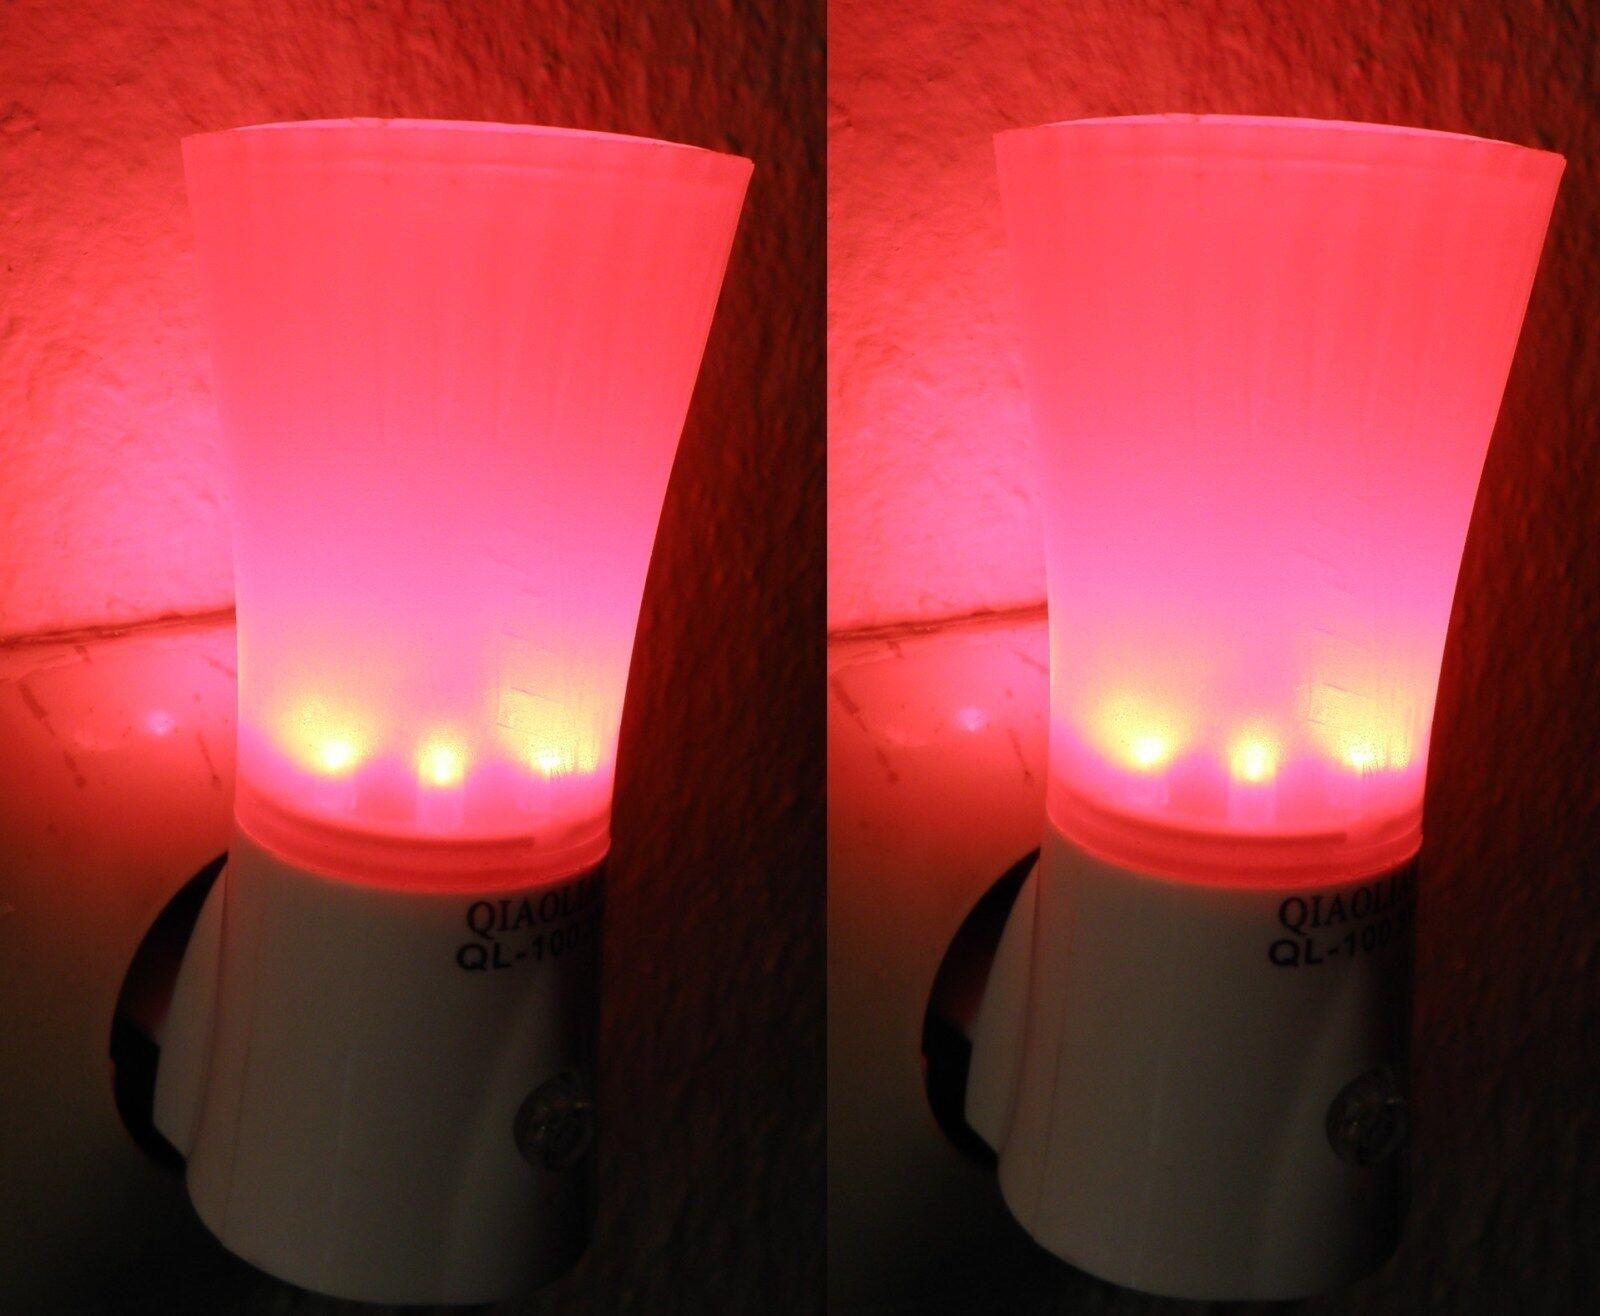 2 st ck led nachtlicht mit schalter f r steckdose orientierungslicht neuware. Black Bedroom Furniture Sets. Home Design Ideas